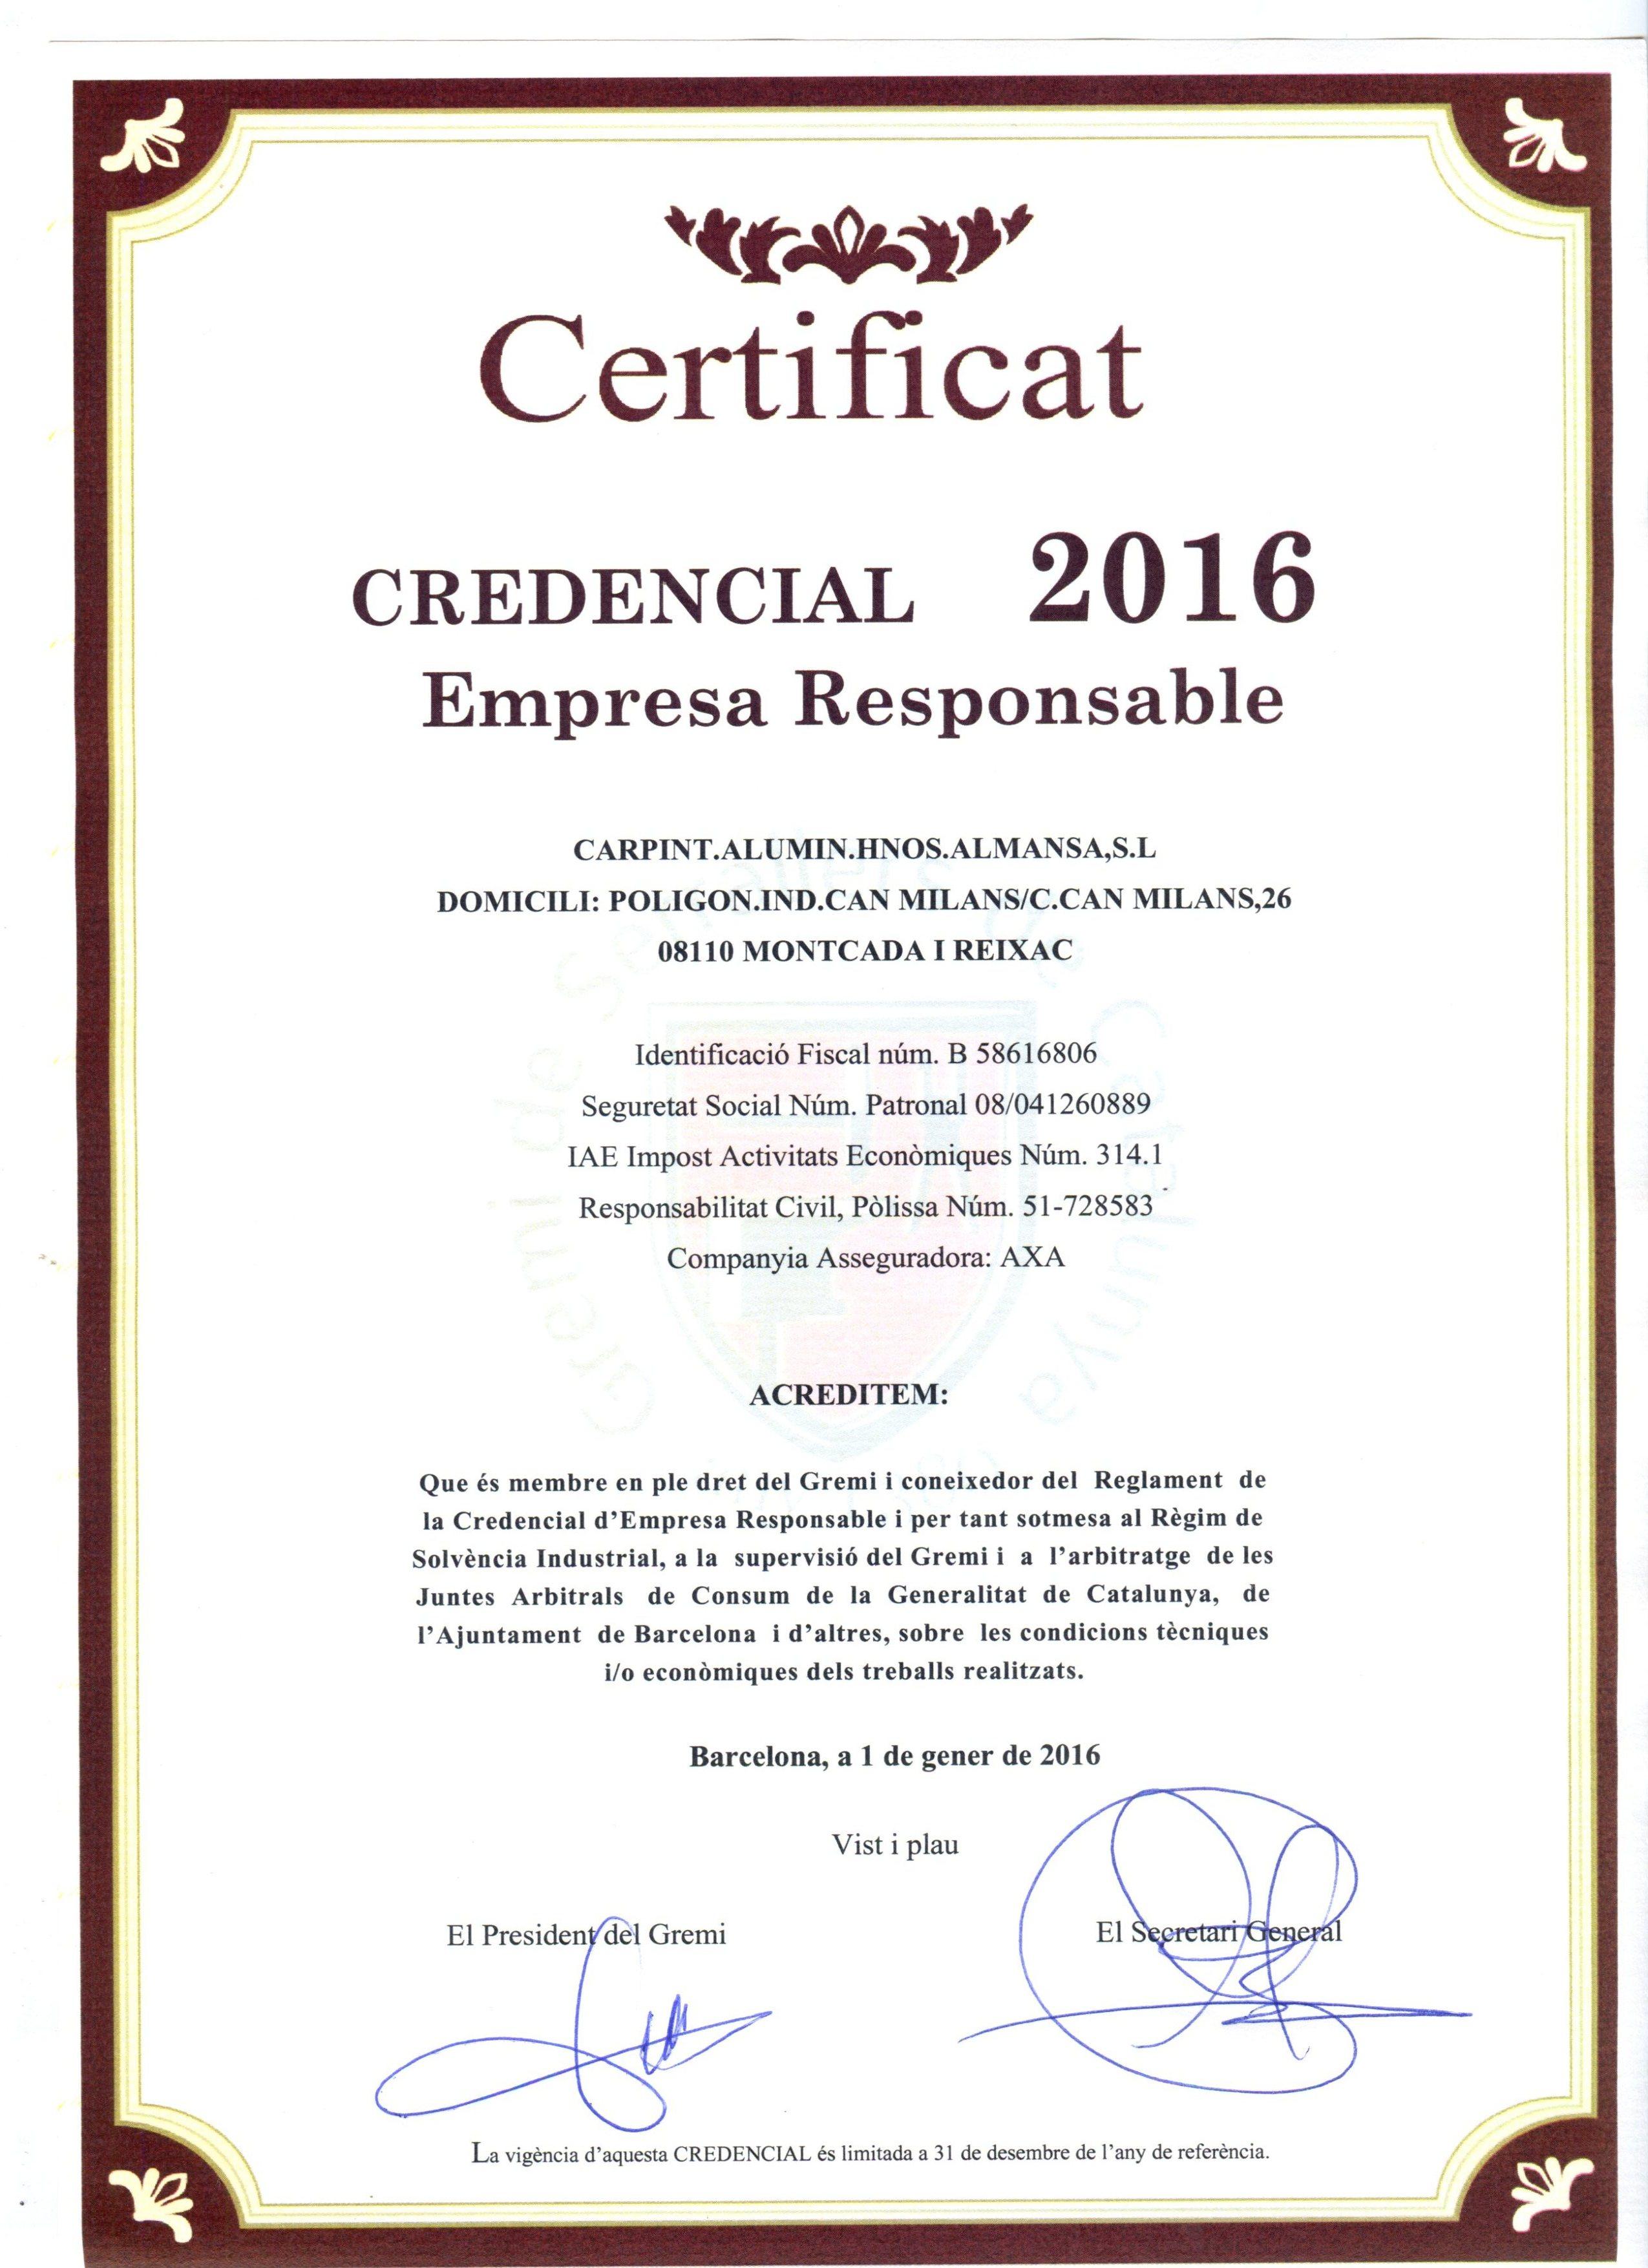 certificado-credencial-gremi-2016.jpg